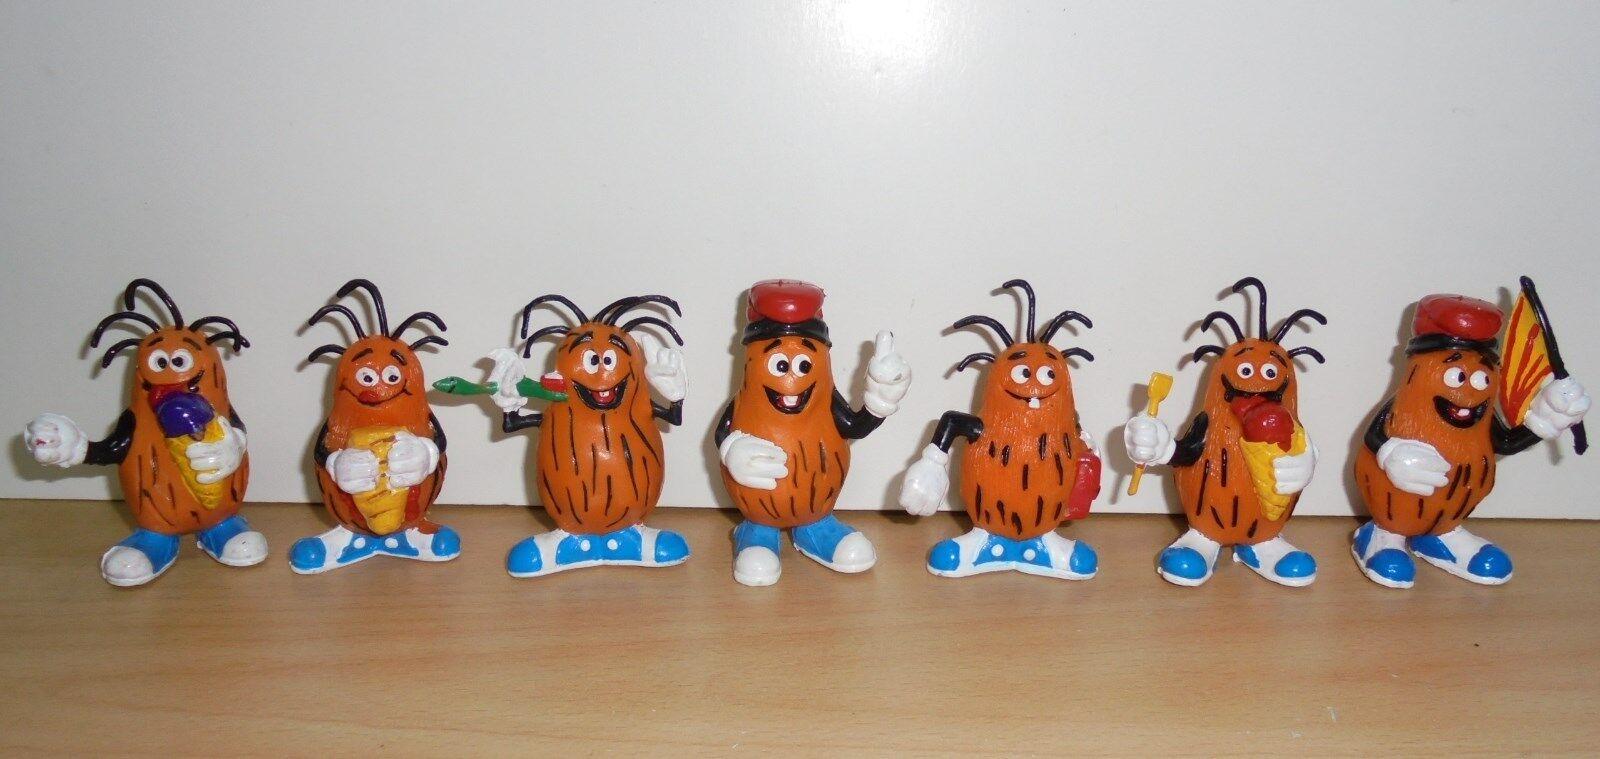 VINTAGE Complete Set 7 x toy PVC figurine figure CASIMIRO - Captain Caveman